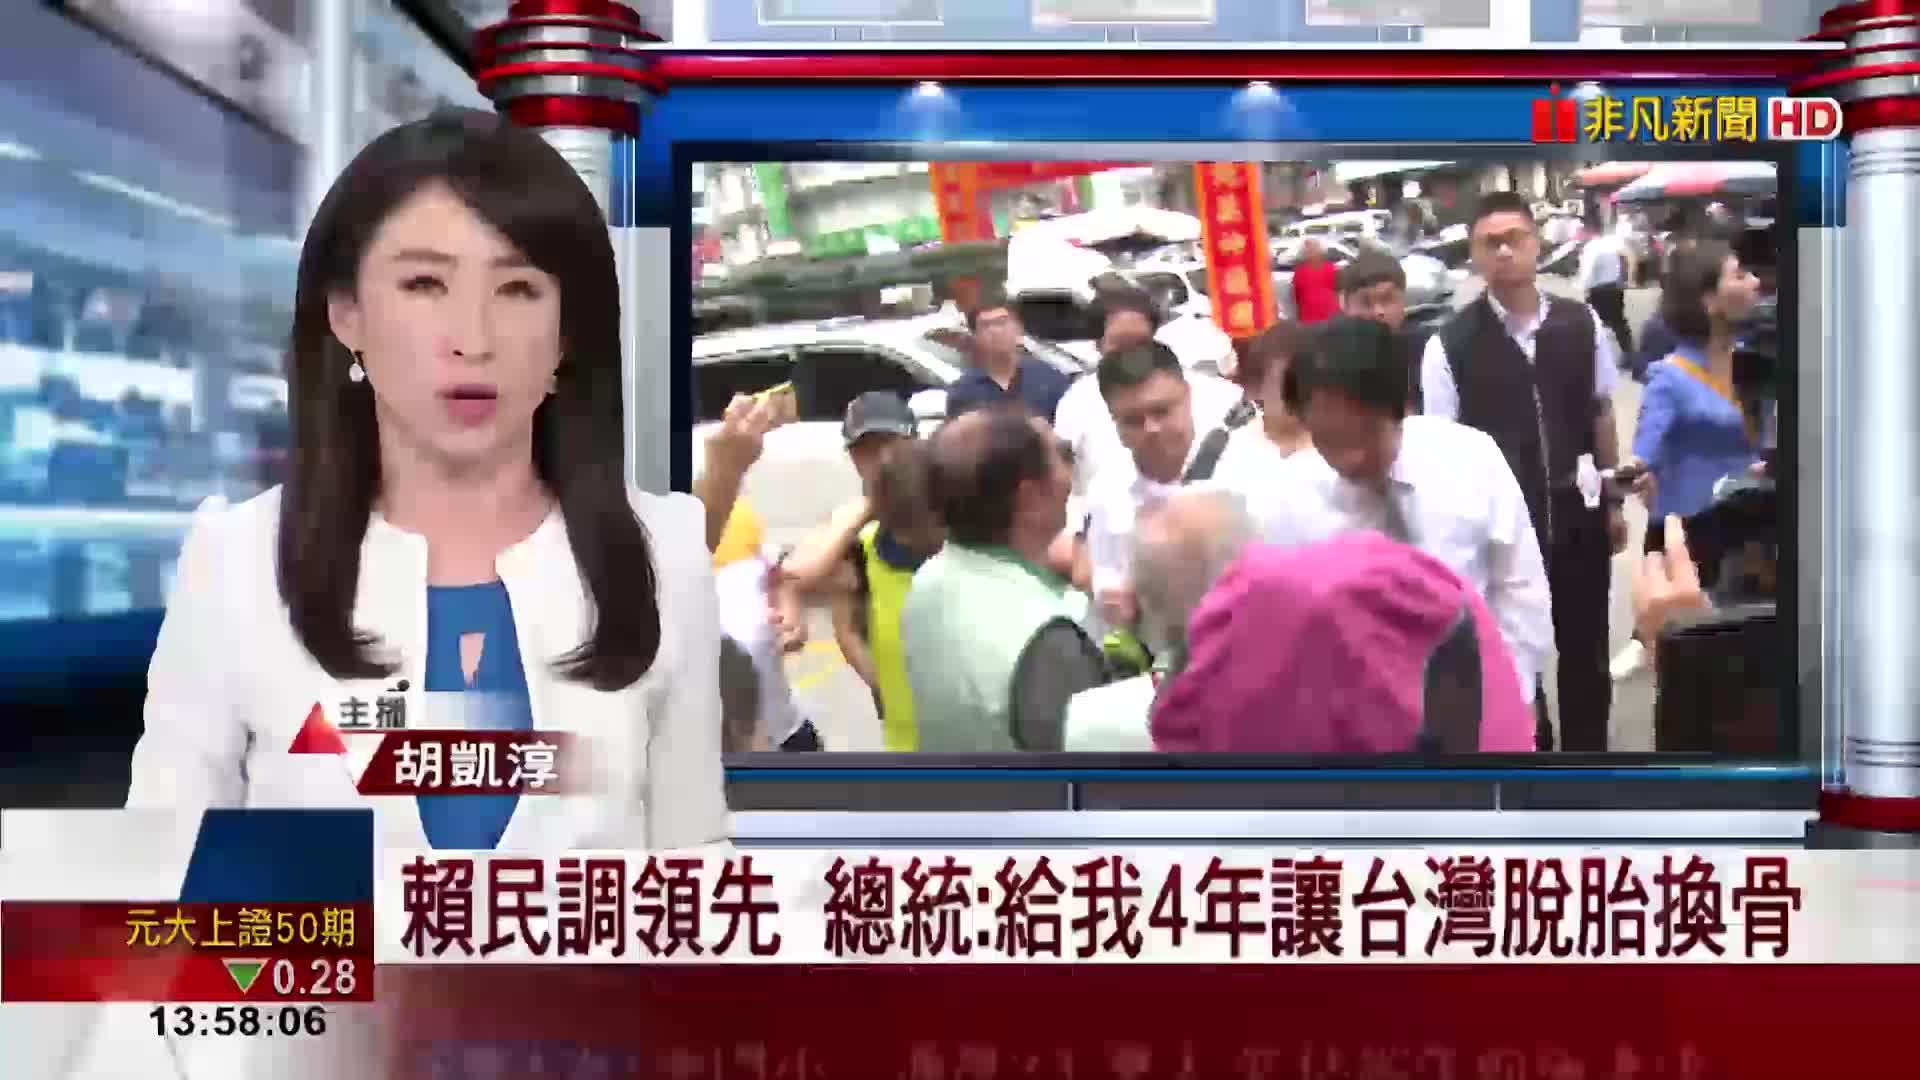 賴民調領先 總統:給我4年讓台灣脫胎換骨